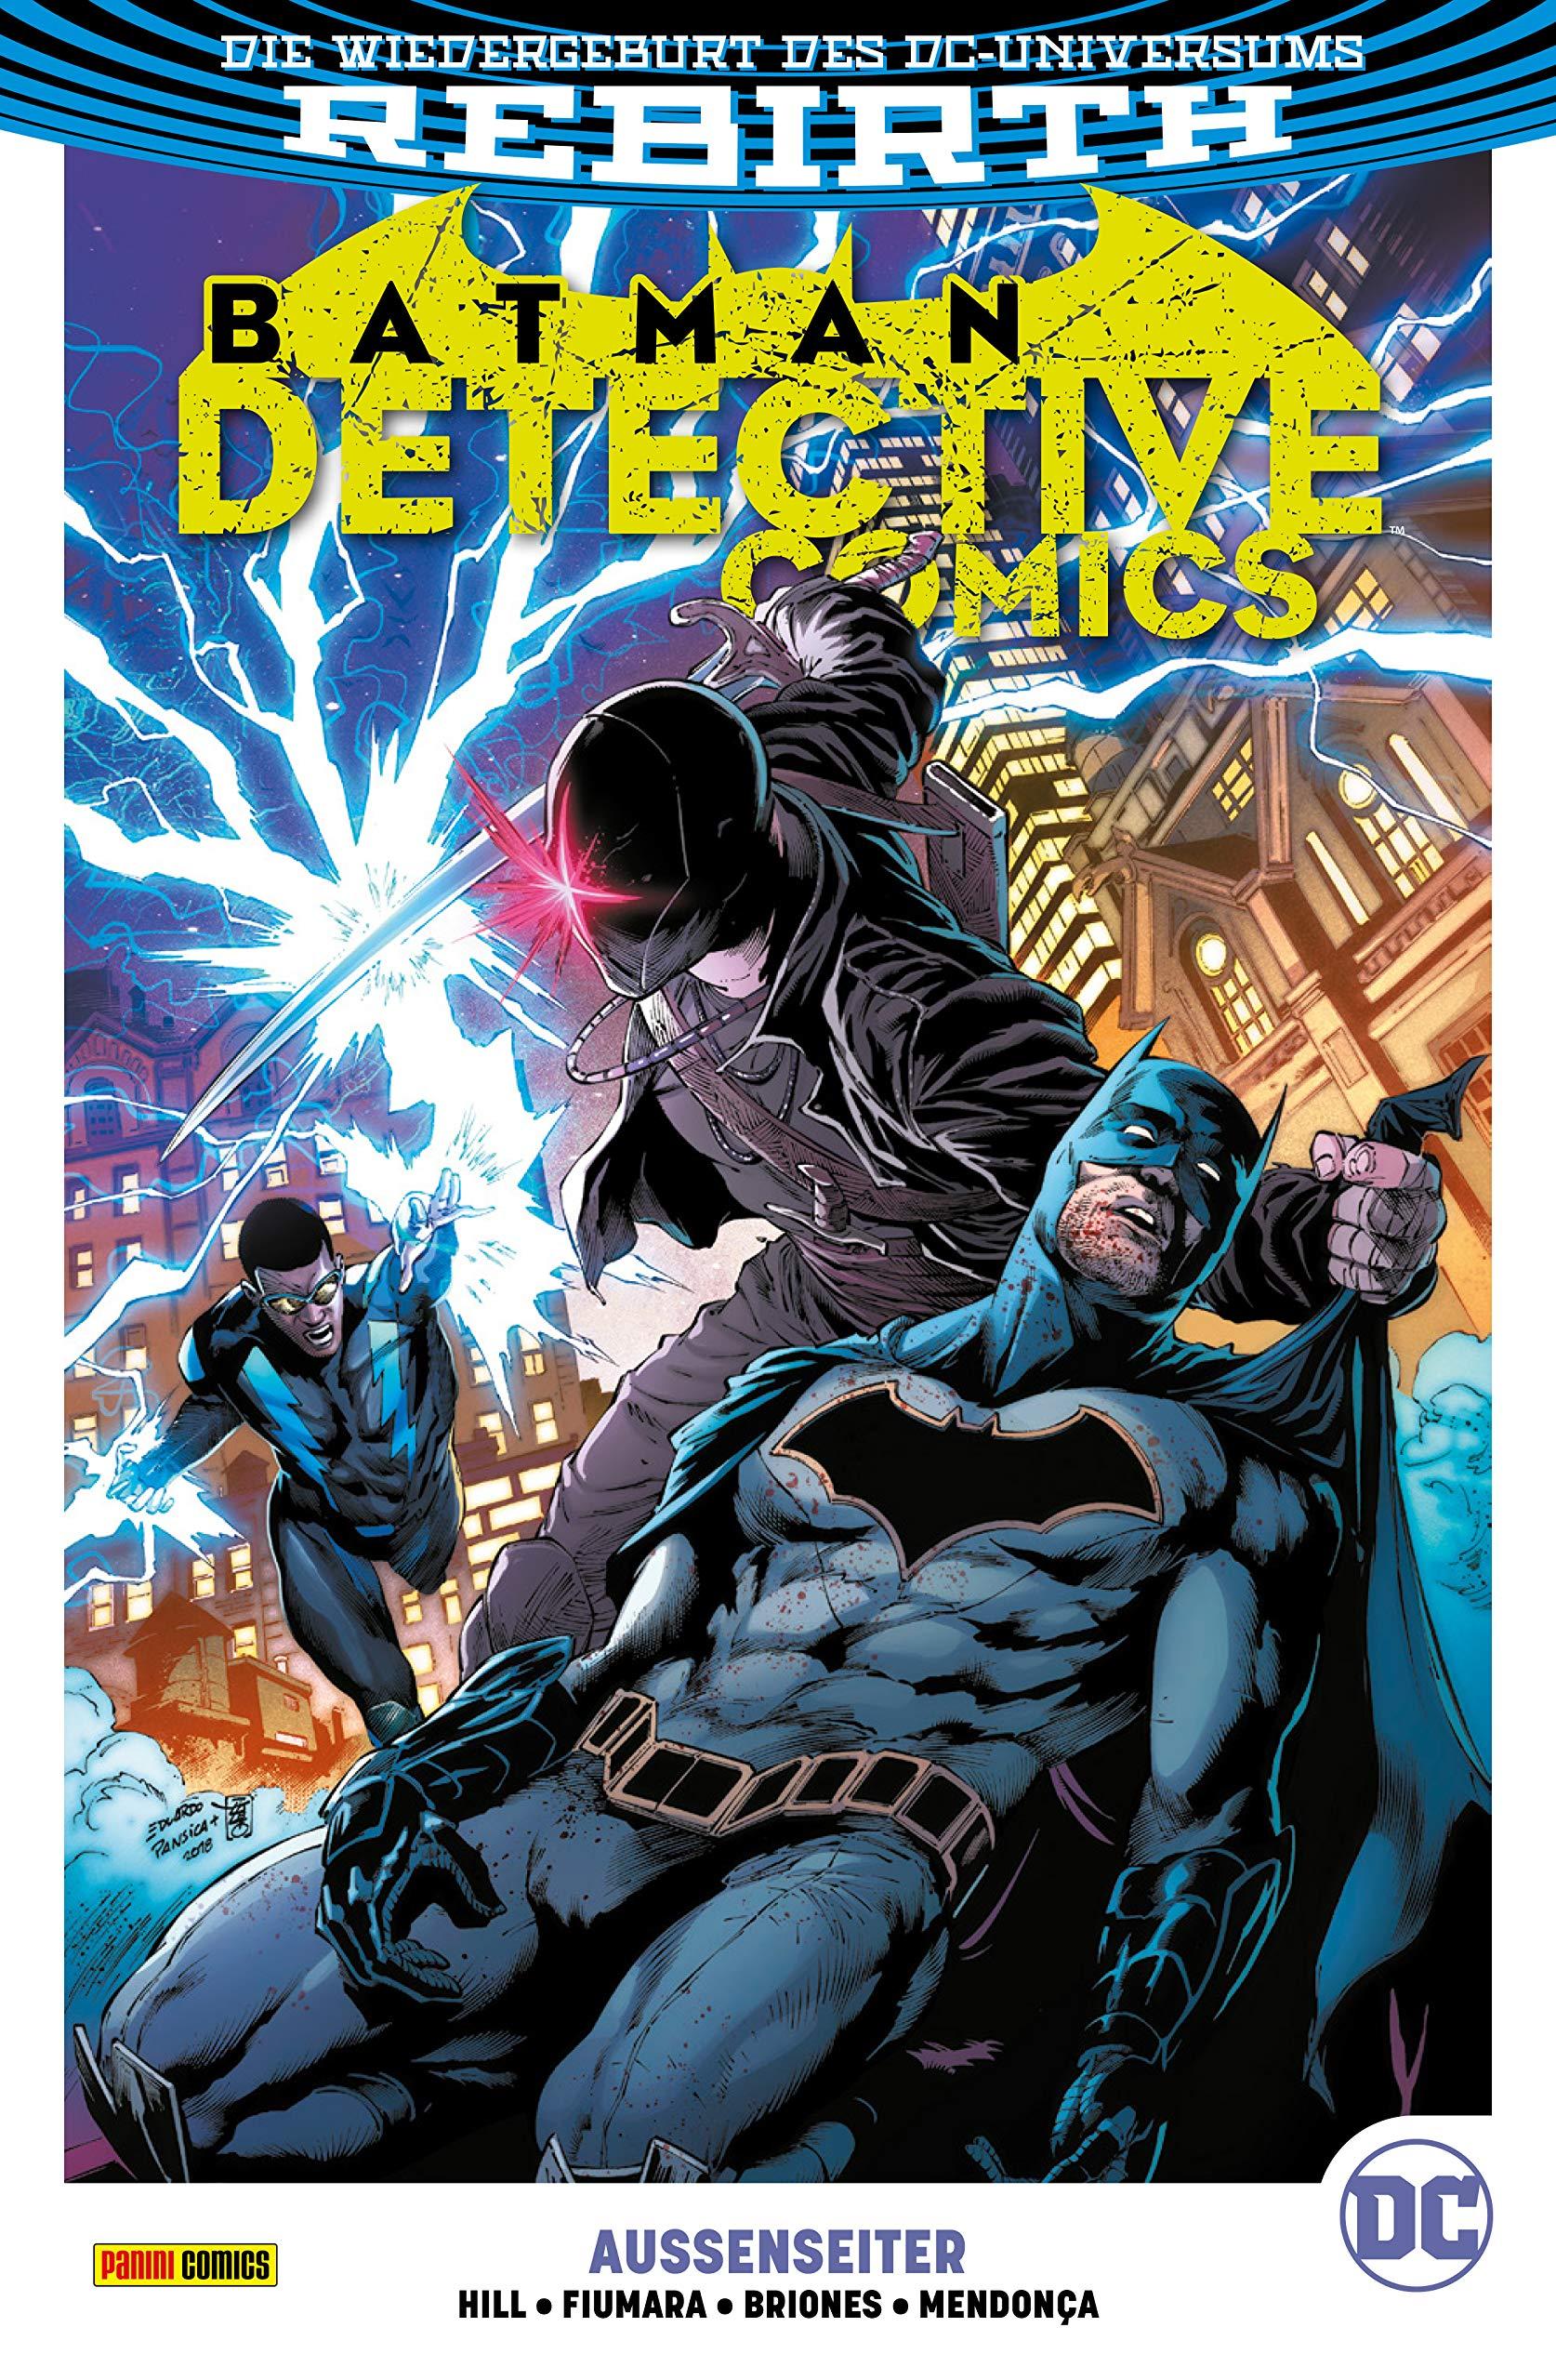 Batman - Detective Comics - Bd. 8 (2. Serie): Außenseiter